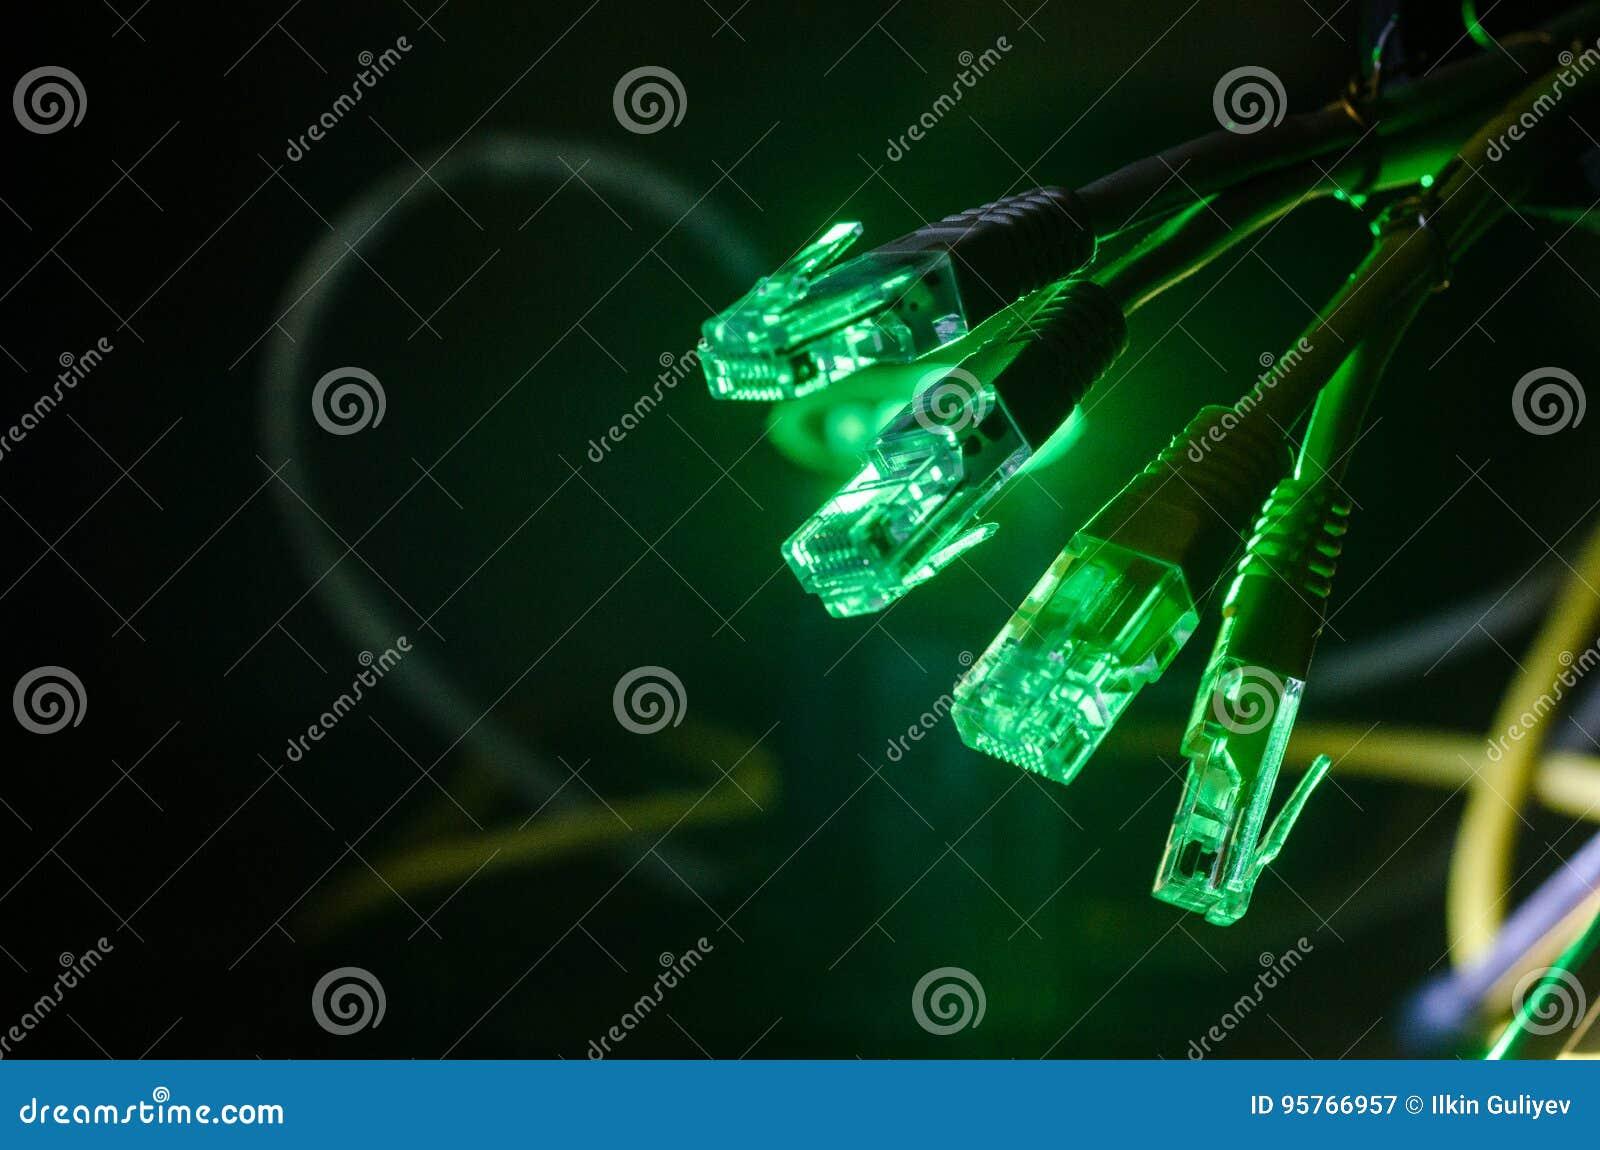 Netwerkschakelaar en ethernet kabels, symbool van globale mededelingen Gekleurde netwerkkabels op donkere achtergrond met lichten